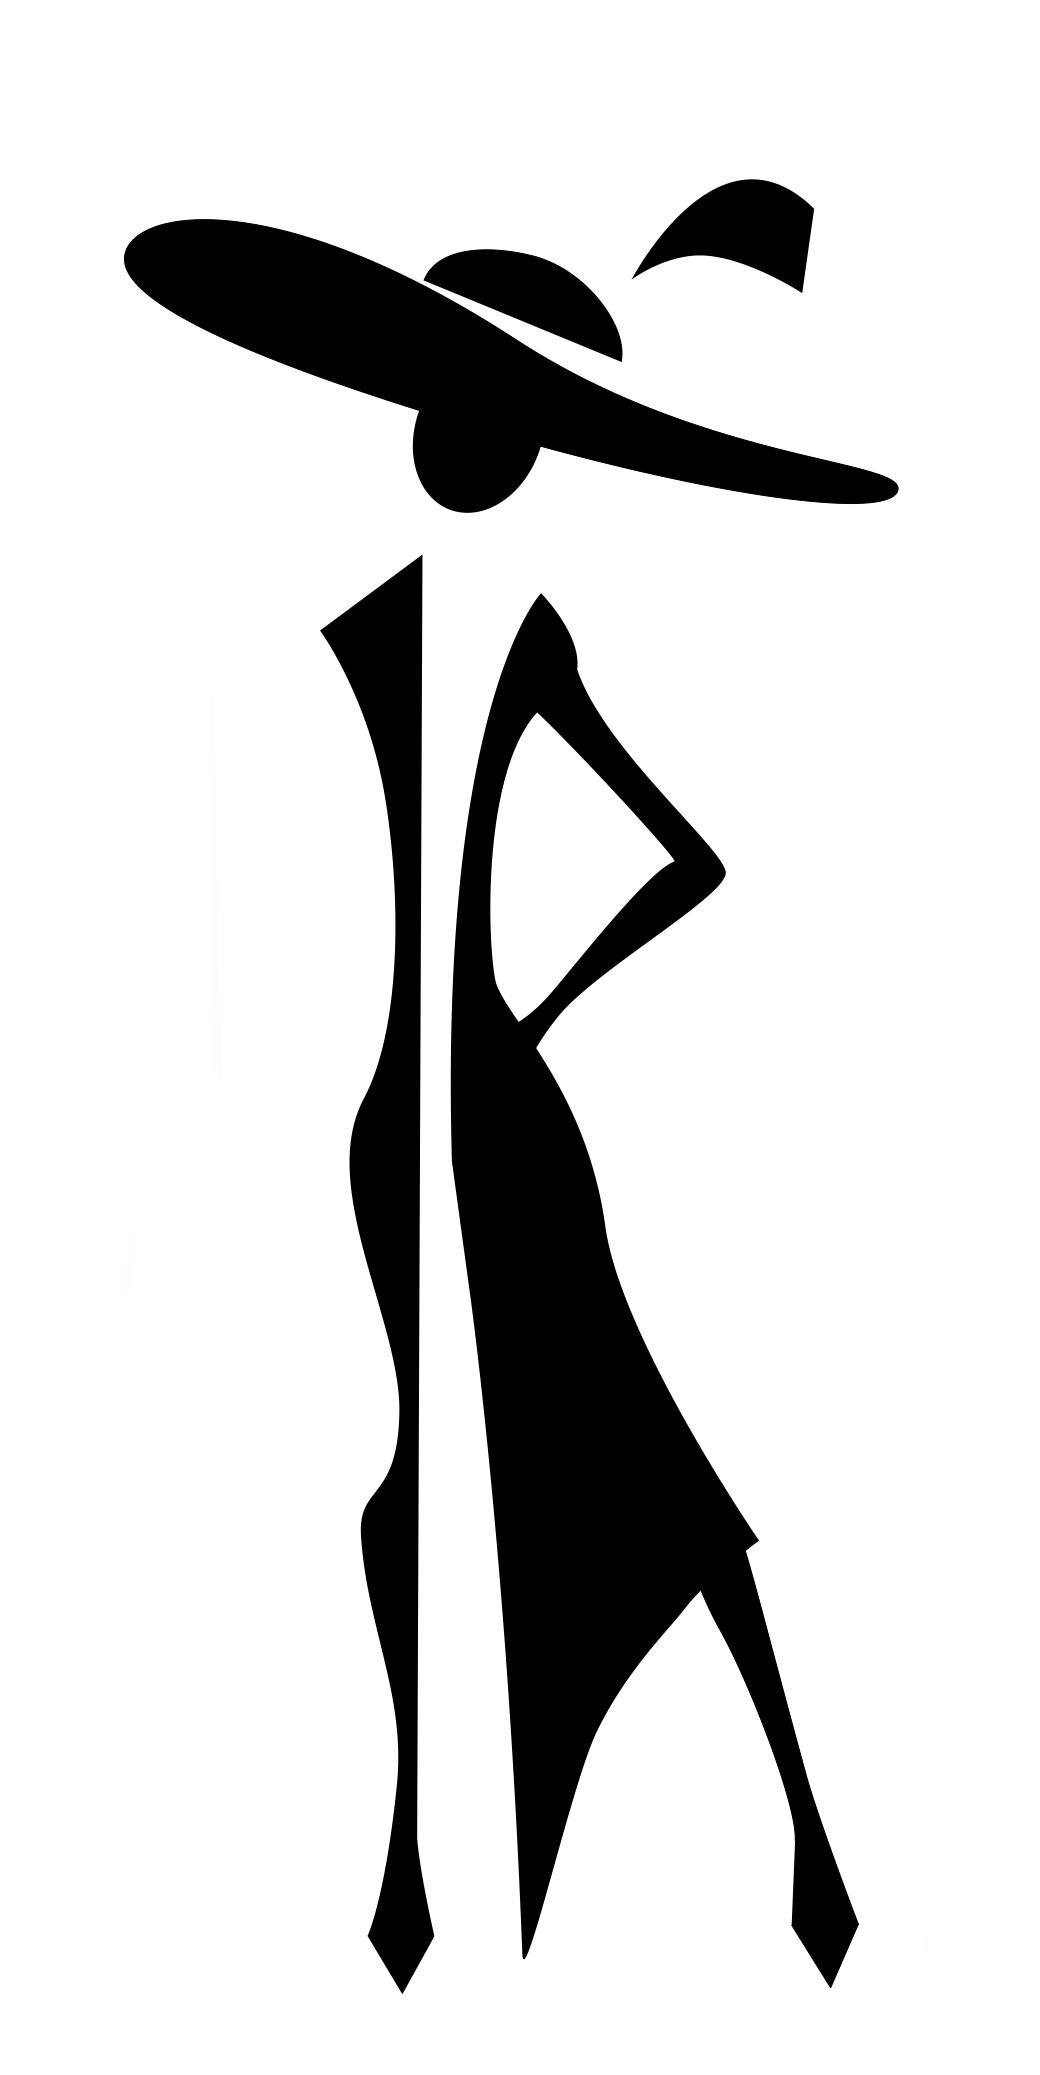 Логотип для брендовой пряжи и трикотажной одежды фото f_3256006a1450a55e.png